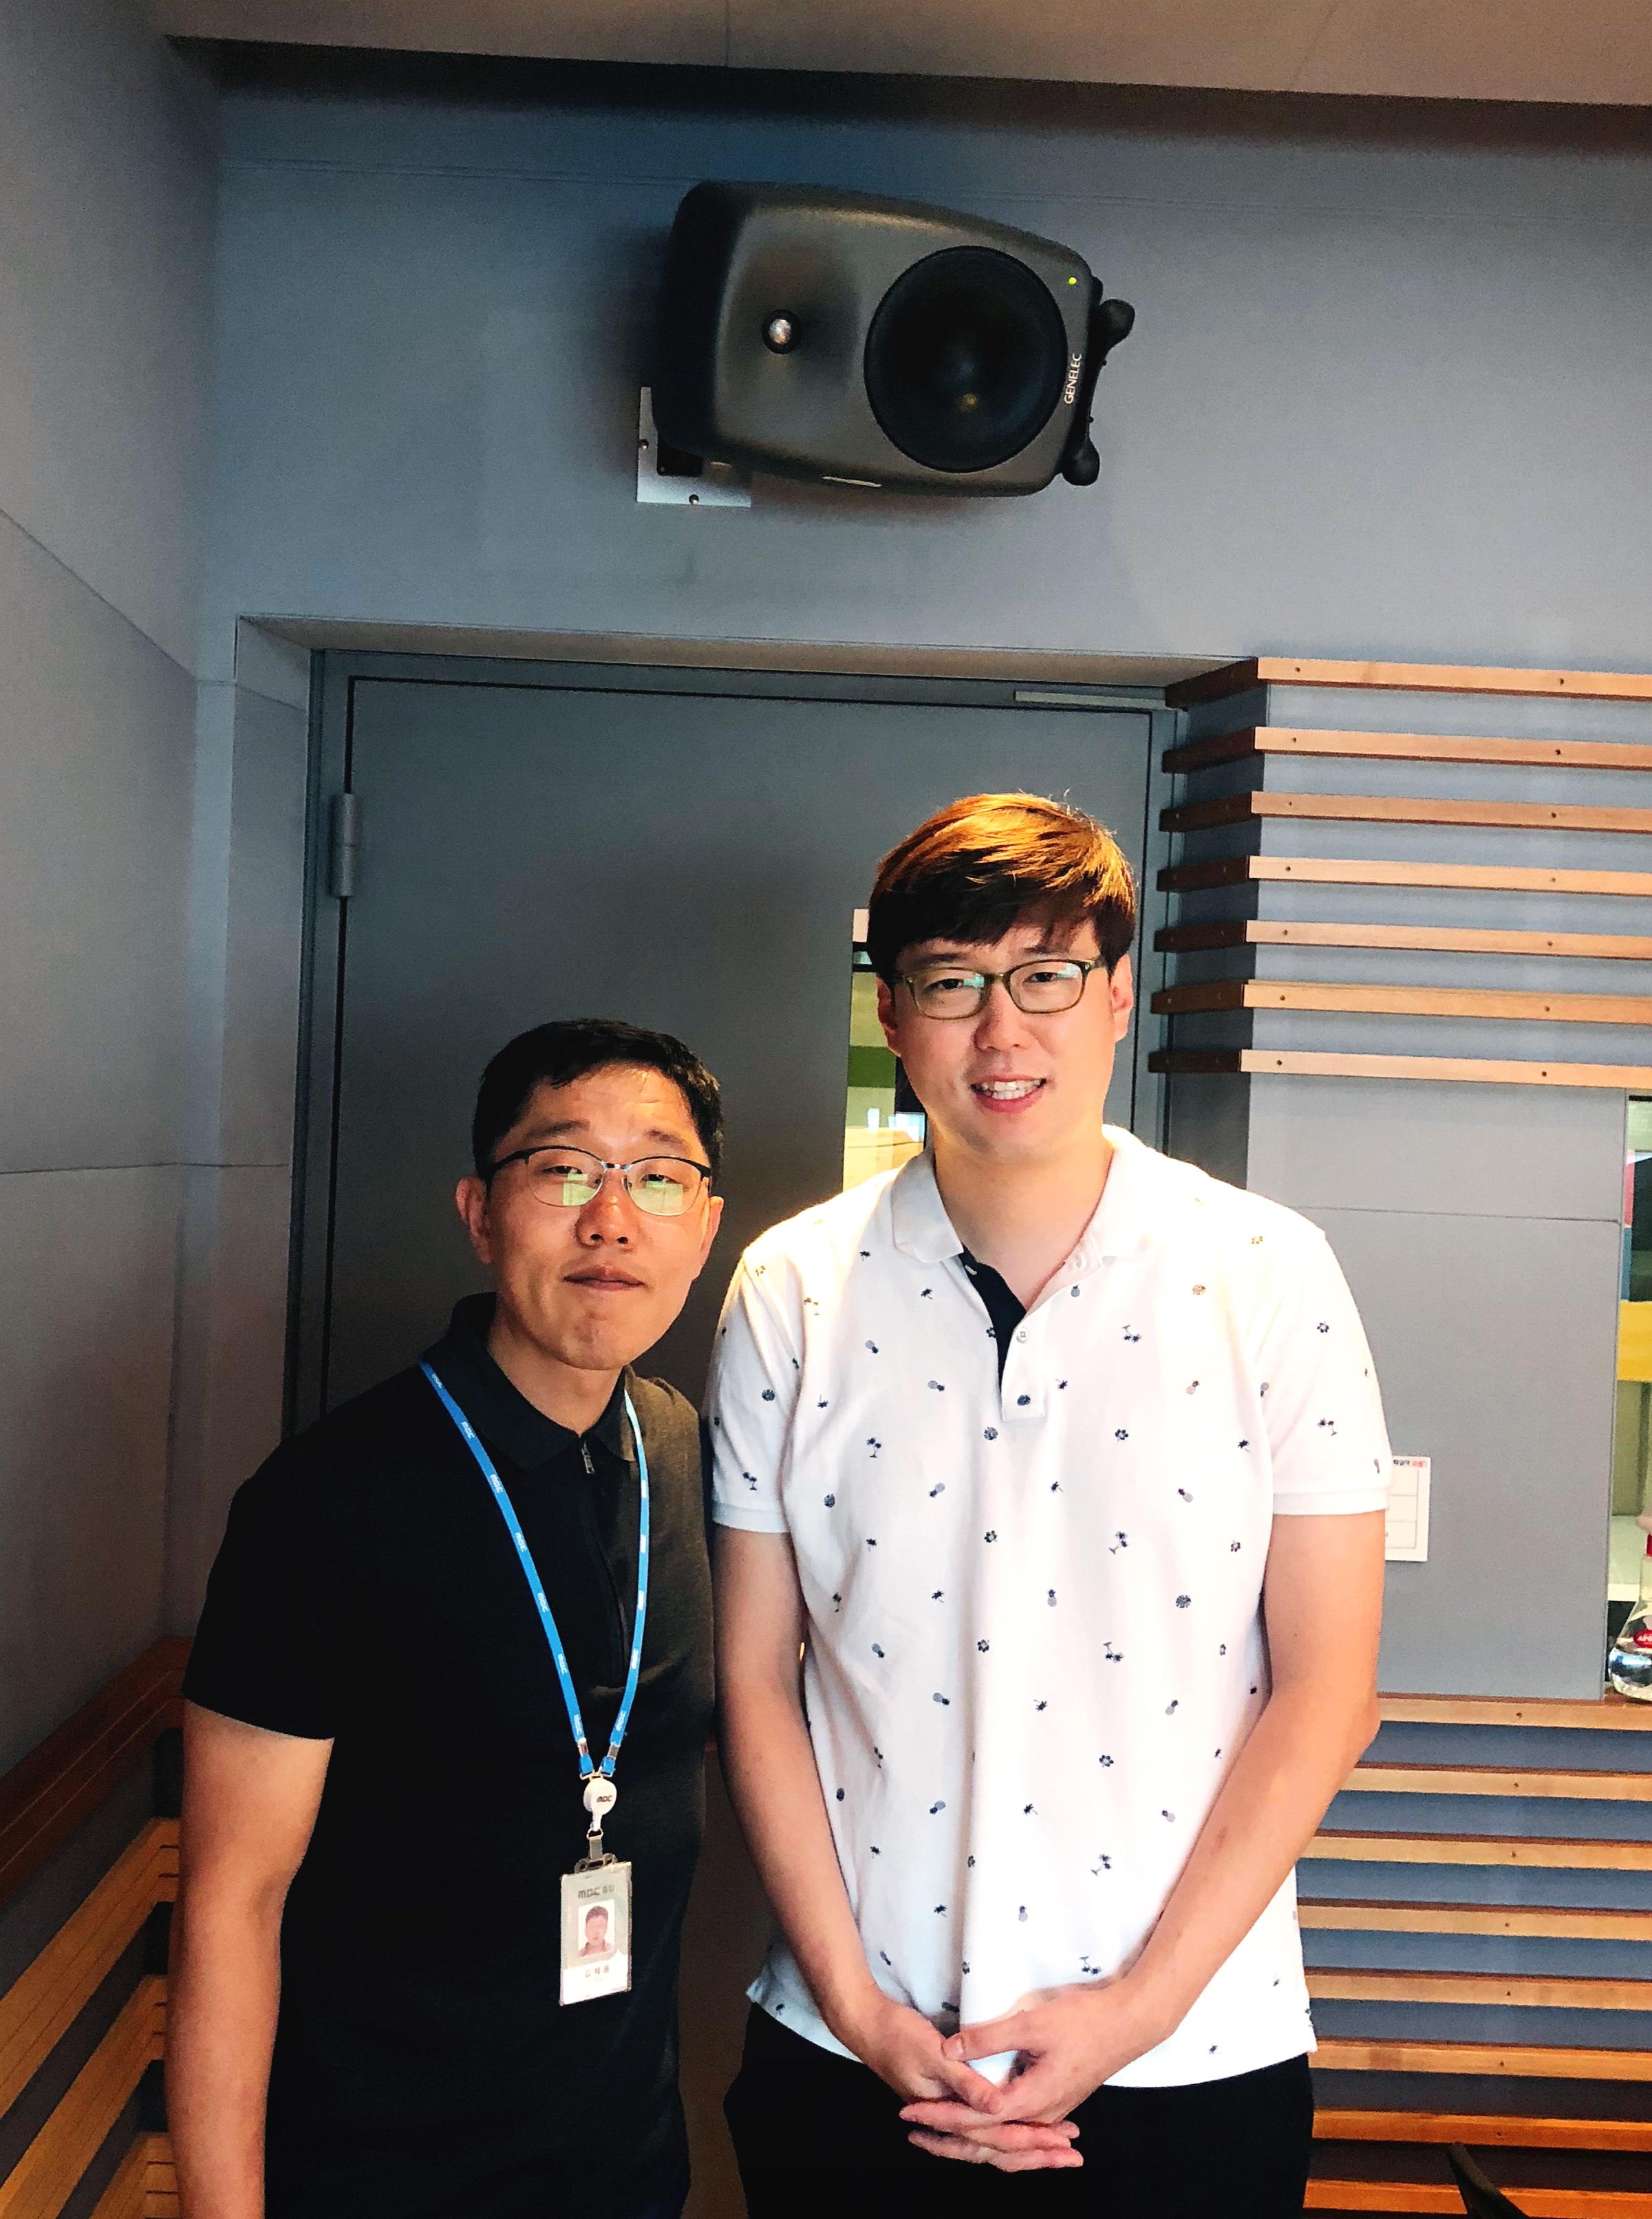 광복절 특집 '굿모닝FM', 김제동과 숨은 역사 찾기… '명랑한 역사'